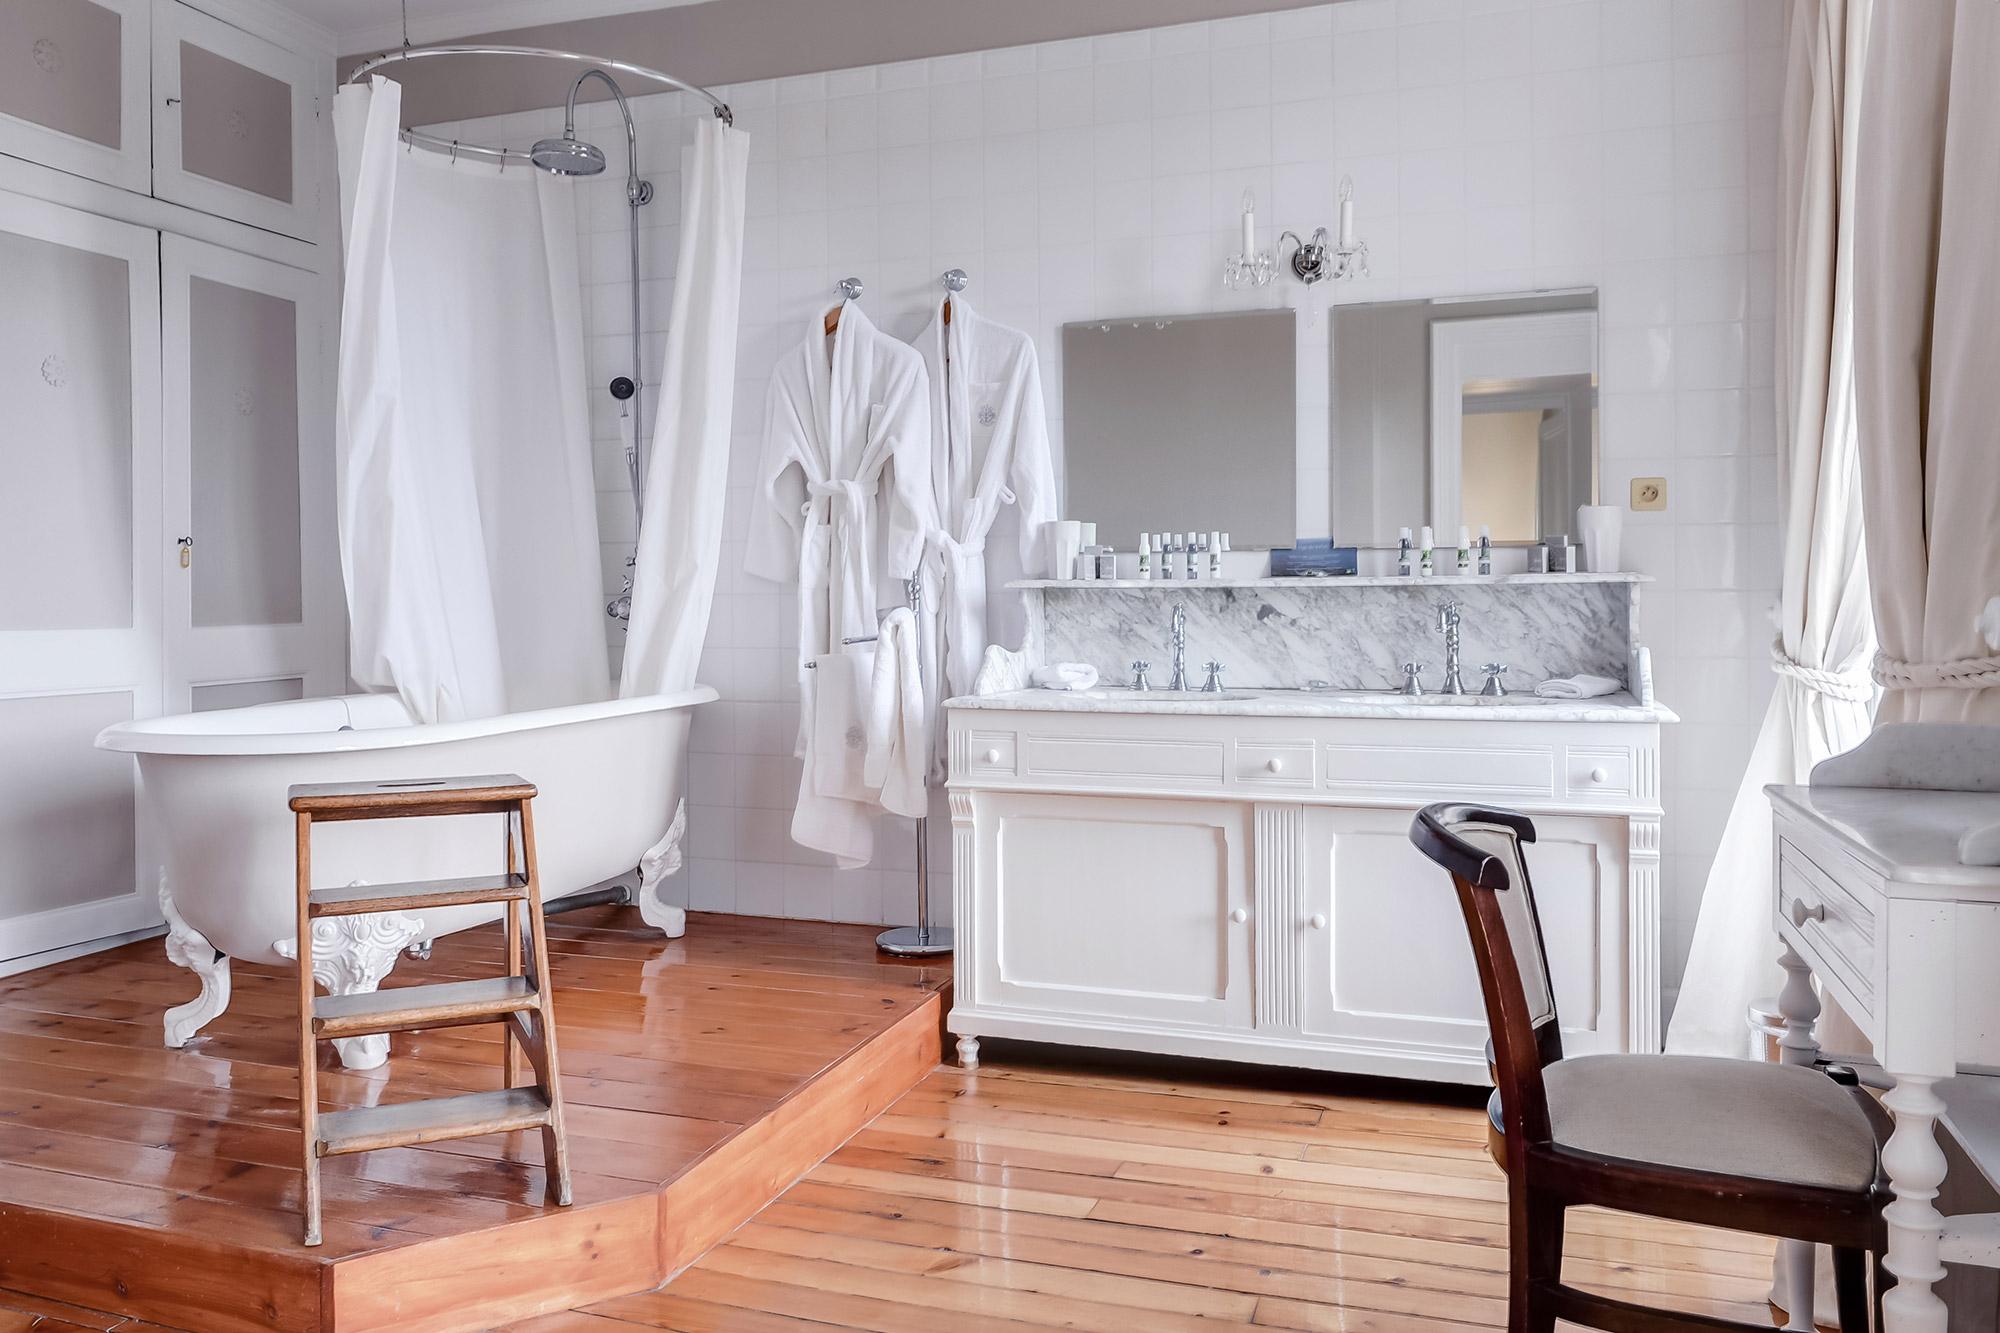 Grande salle de bain avec parquet au sol et baignoire vintage à pattes de lion.